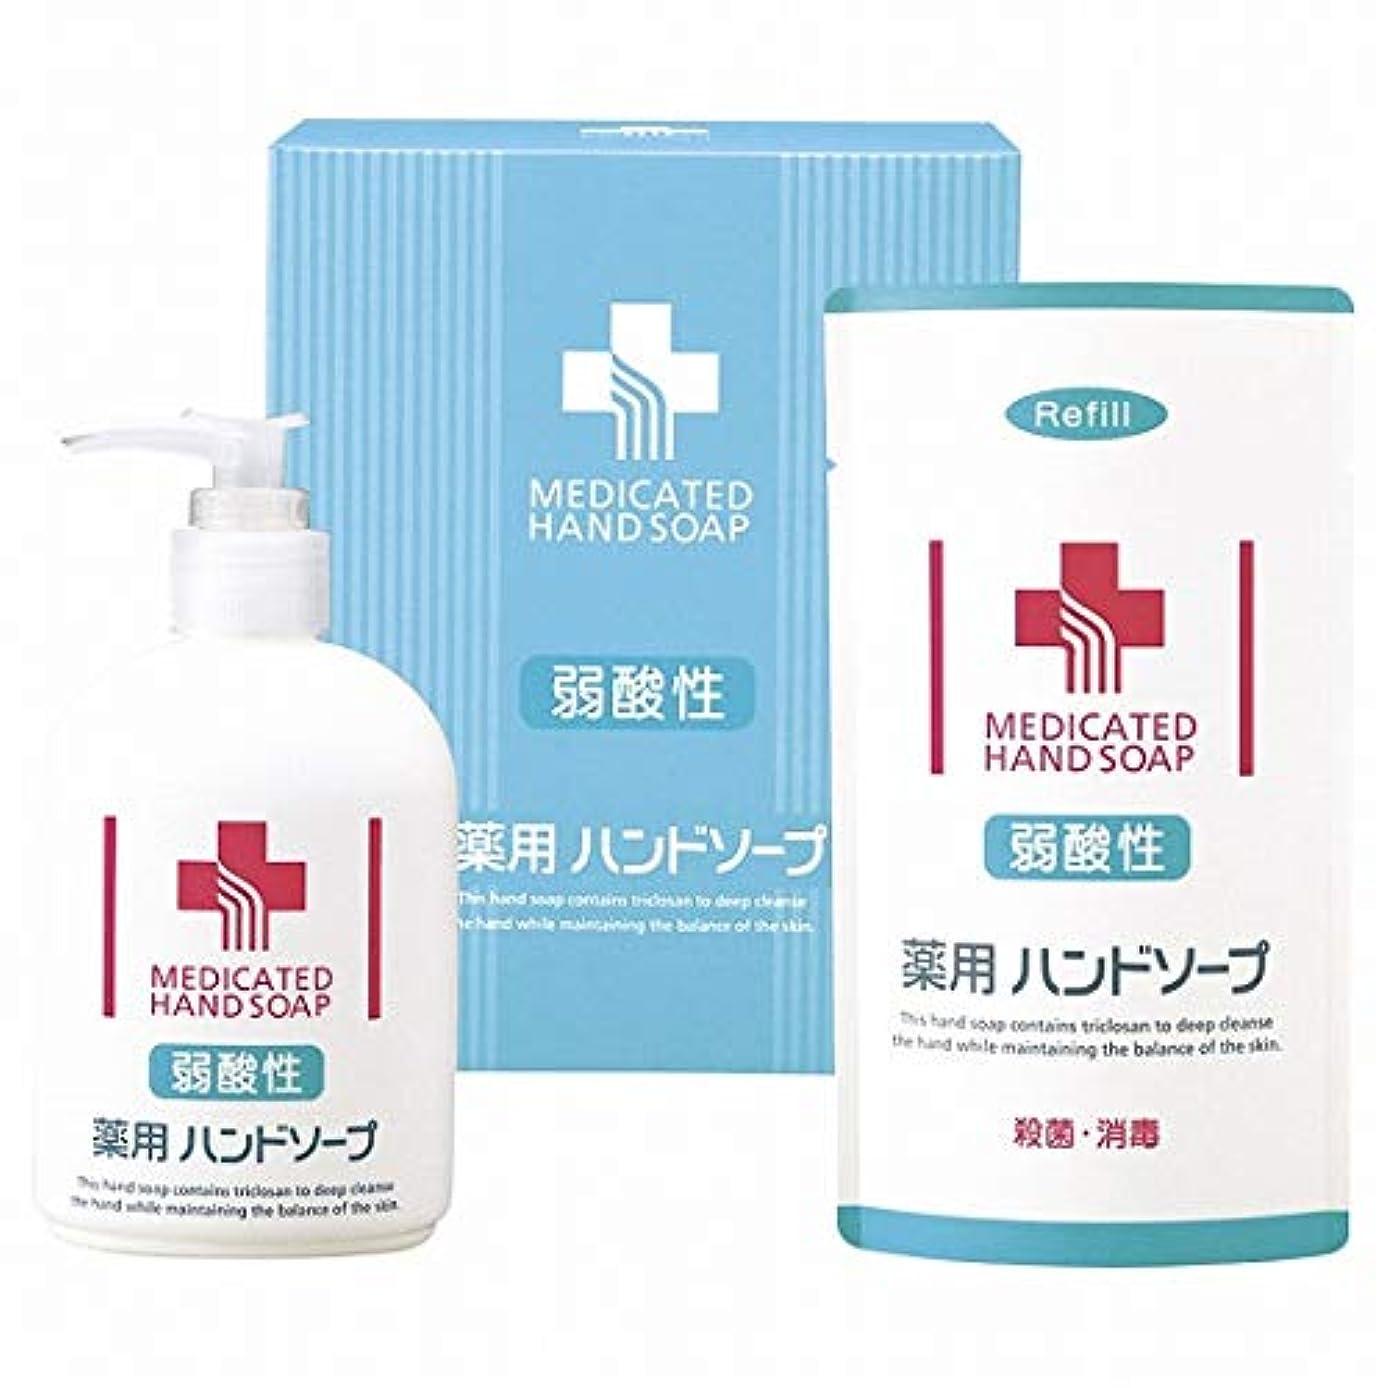 ポンペイライナー繊毛弱酸性 薬用ハンドソープセット